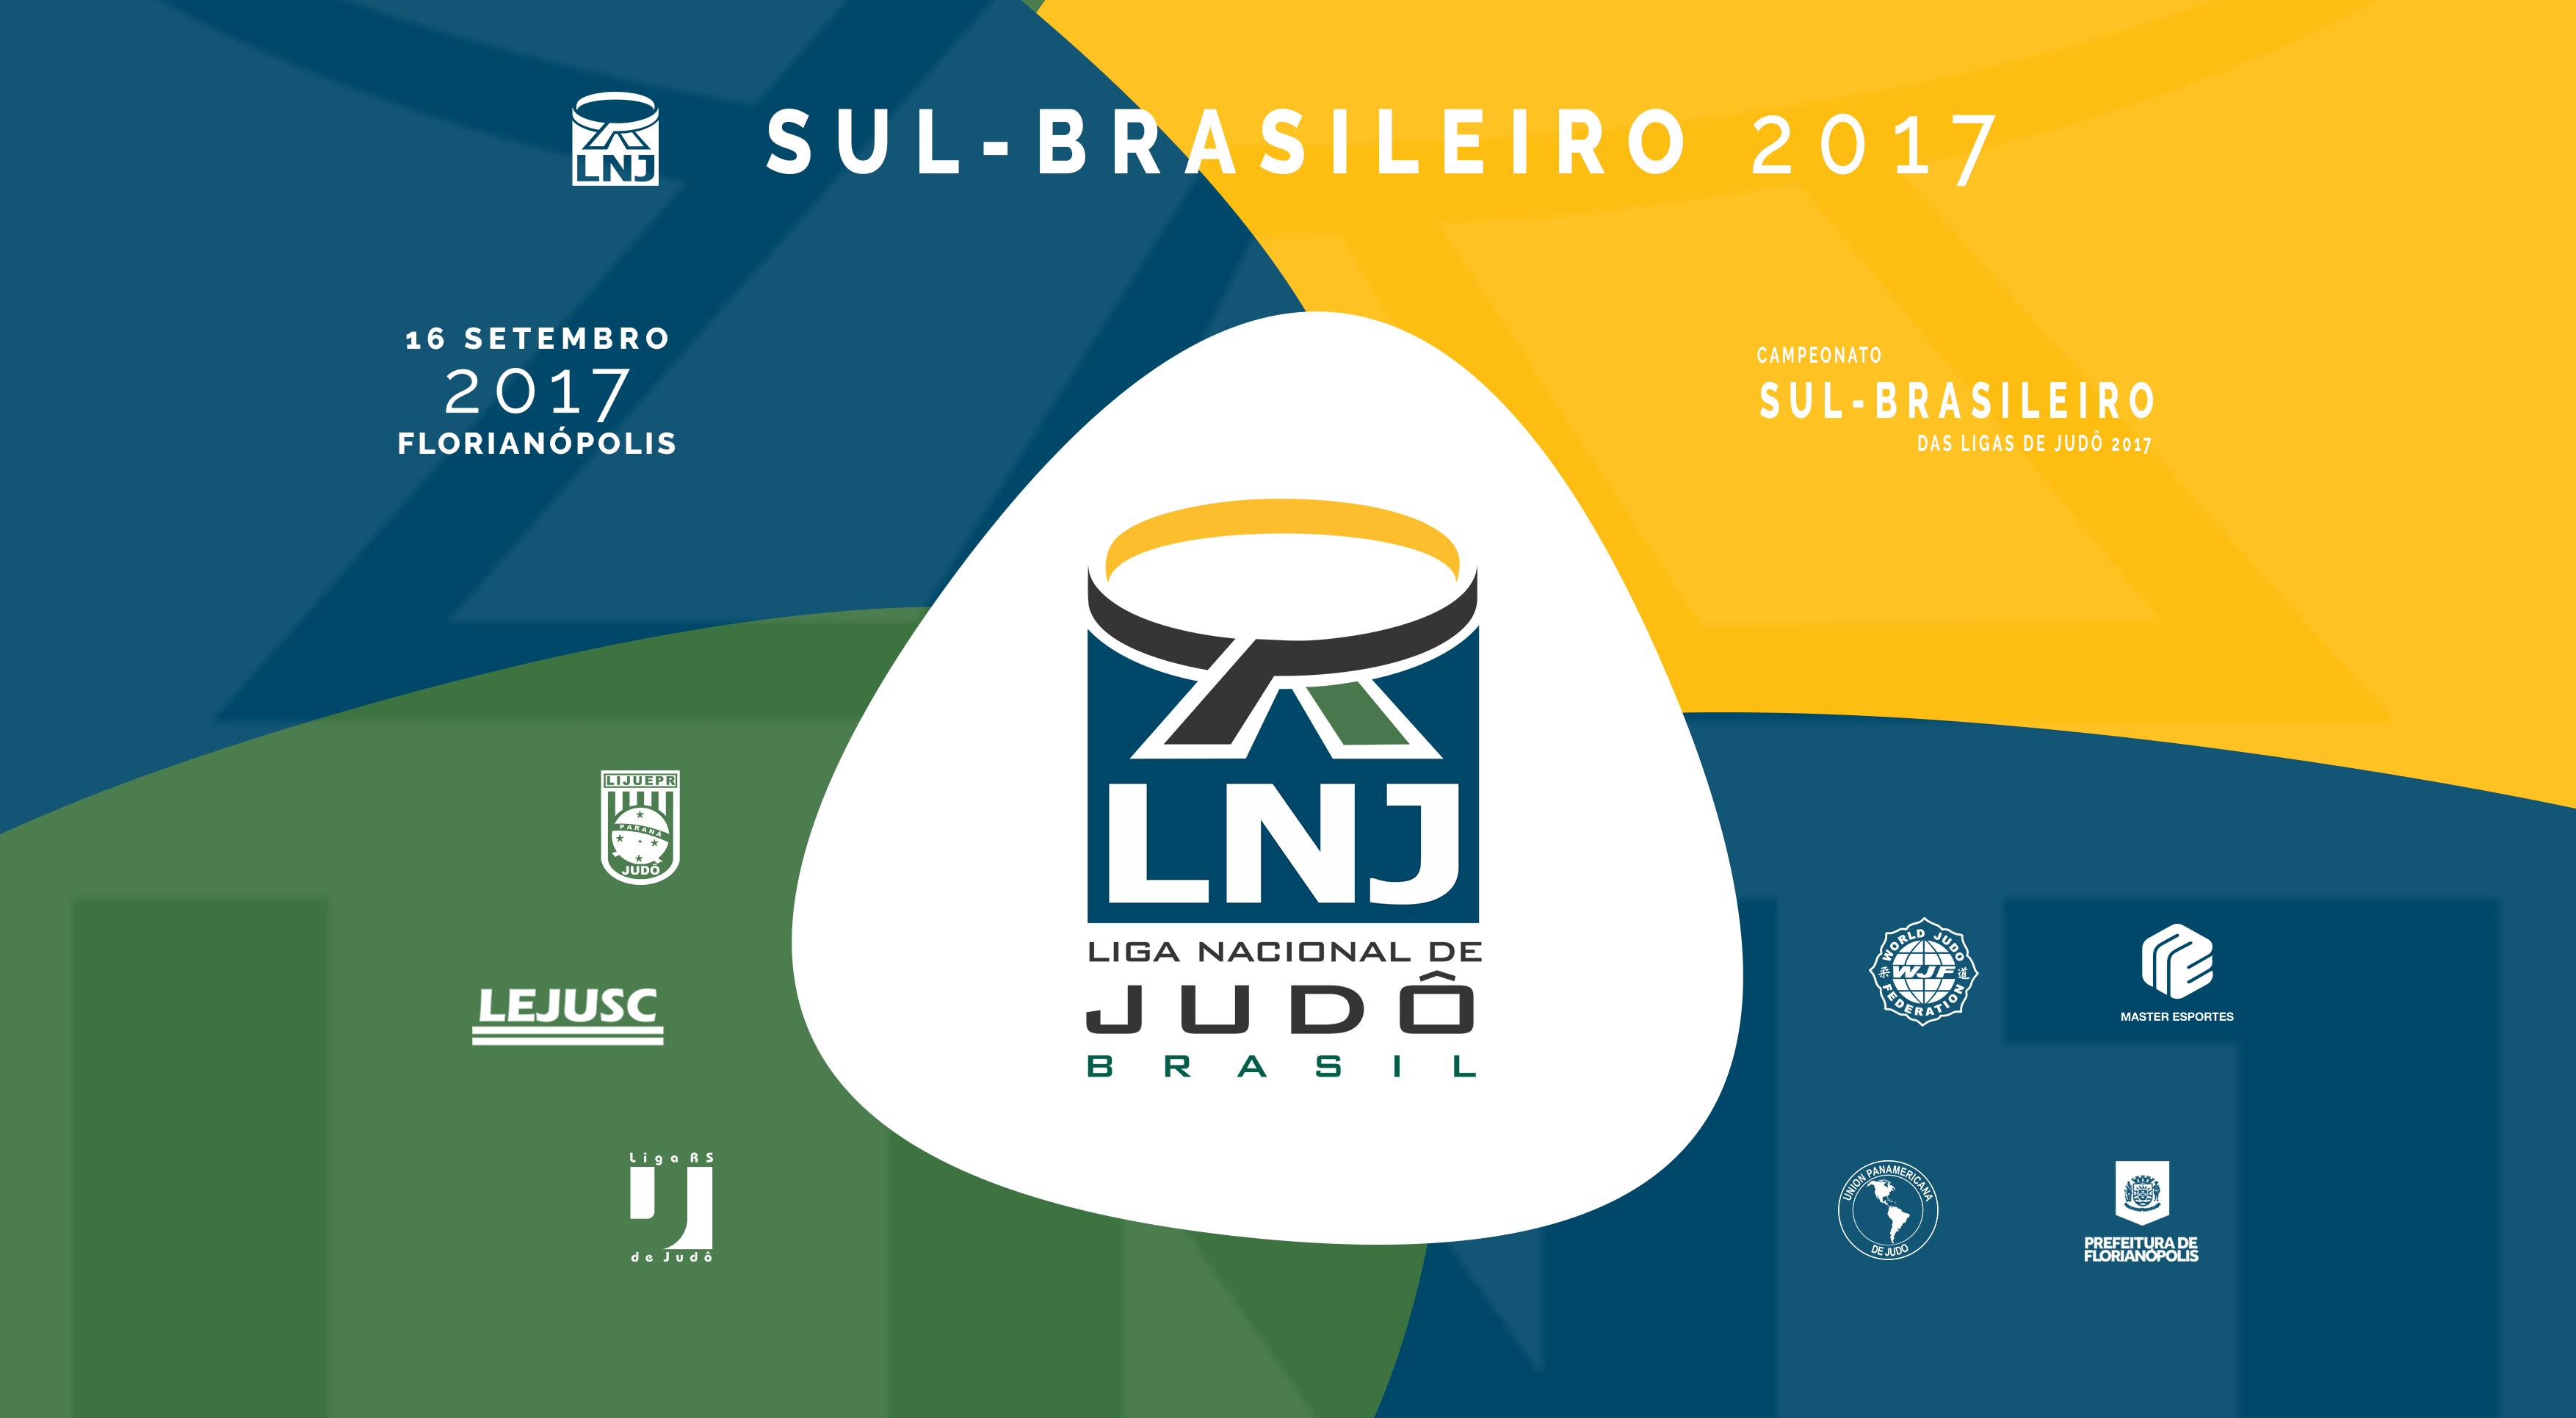 SUL BRASILEIRO 2017